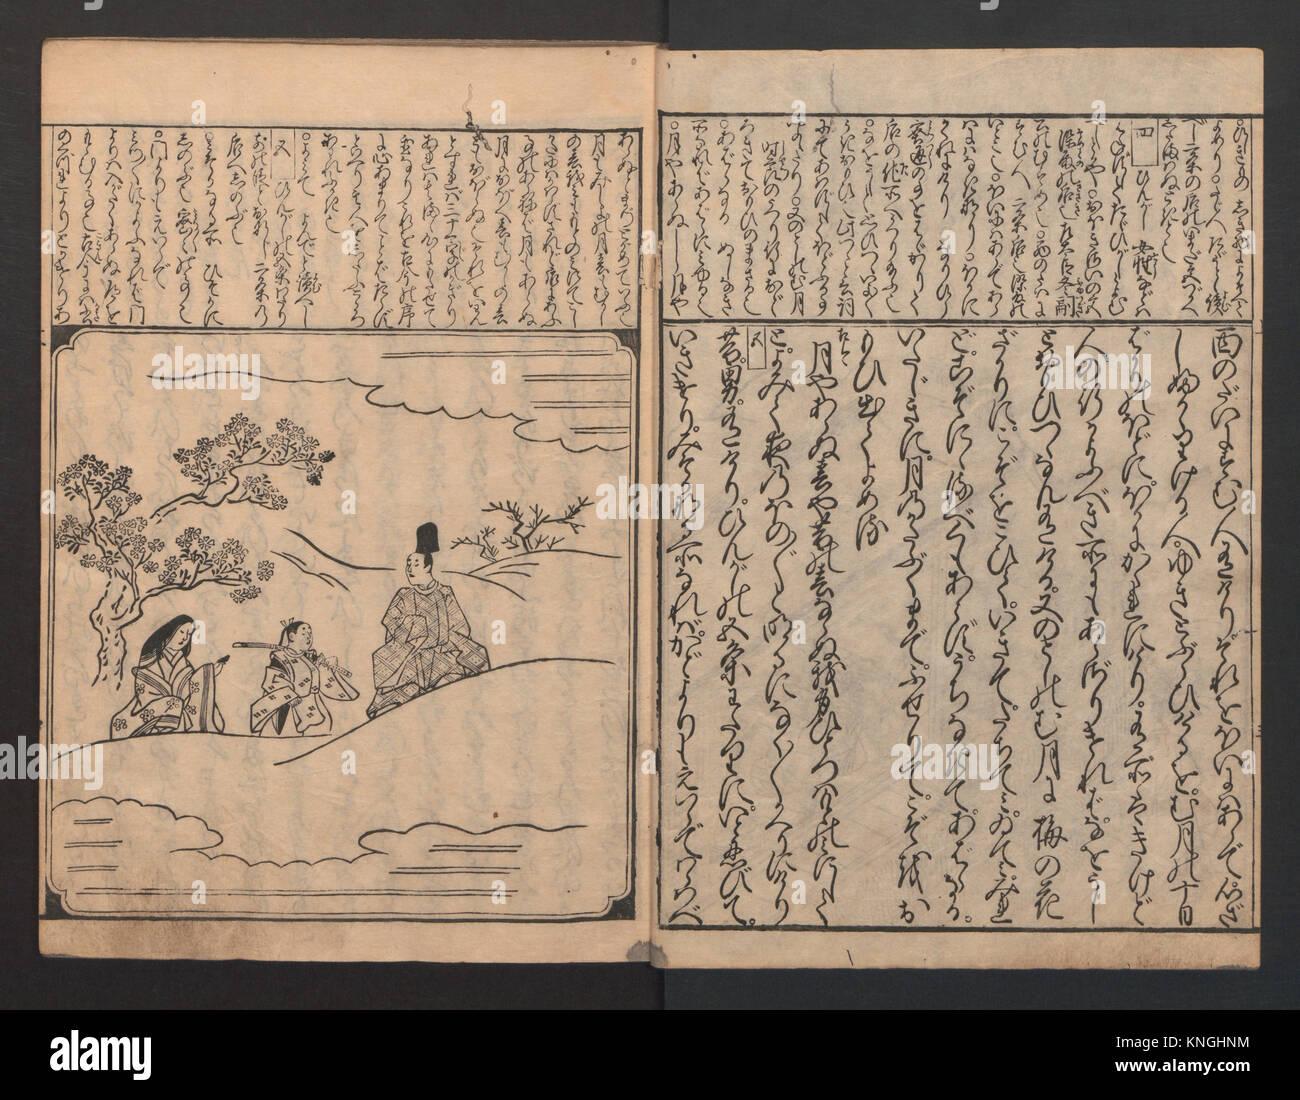 伊勢物語頭書抄/Tales of Ise with Annotations - Stock Image